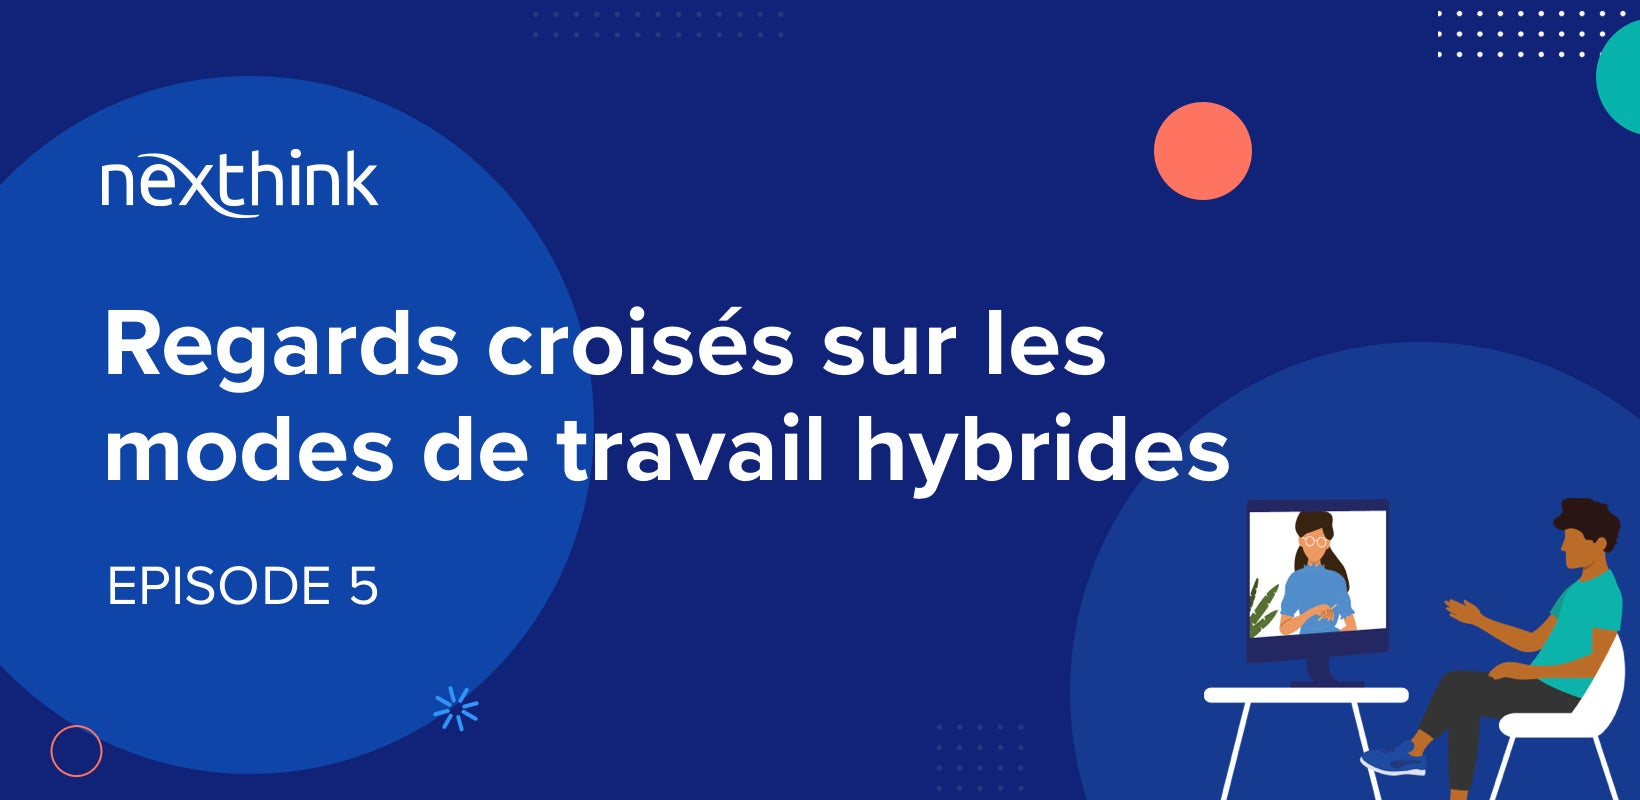 Une grande administration française chiffre 20000 postes en 3 jours grâce à une campagne innovante